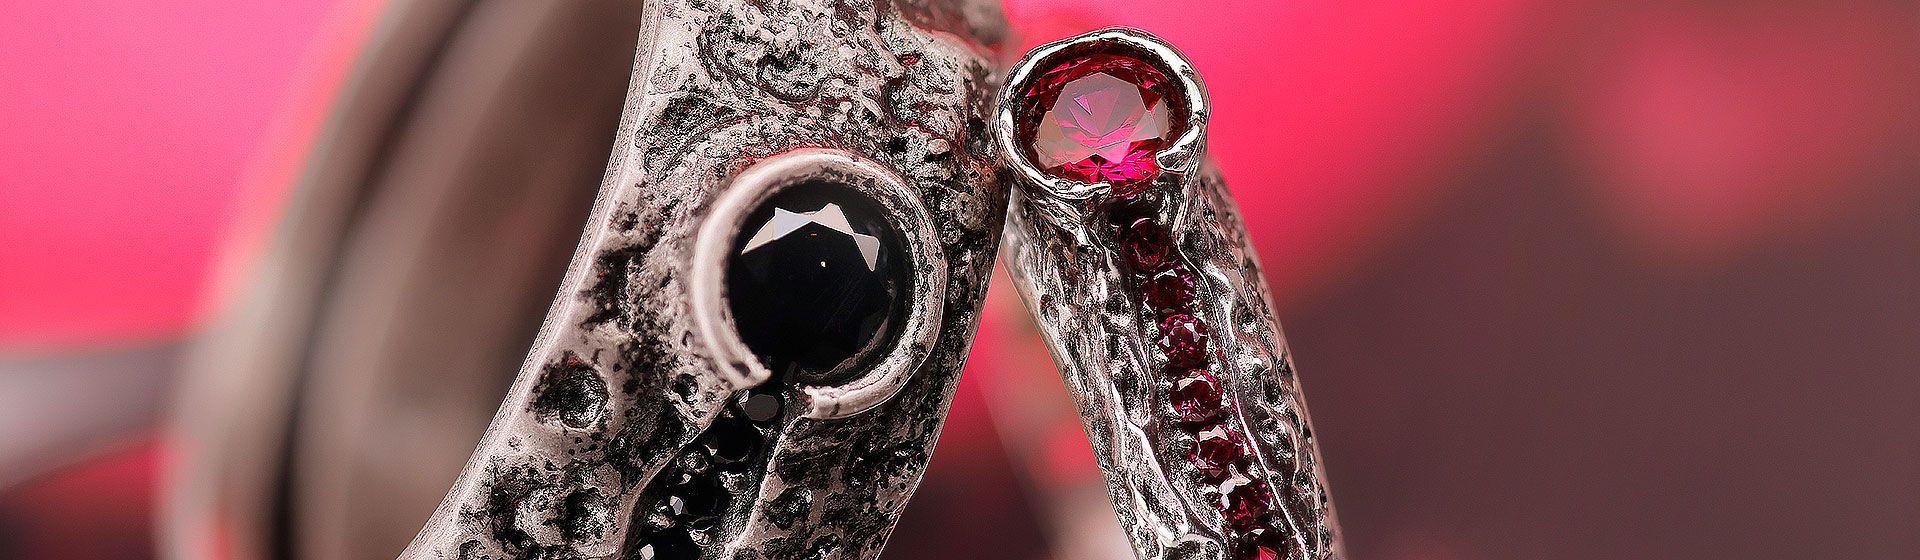 Particolare anello uomo e donna collezione vulcano ellius argento